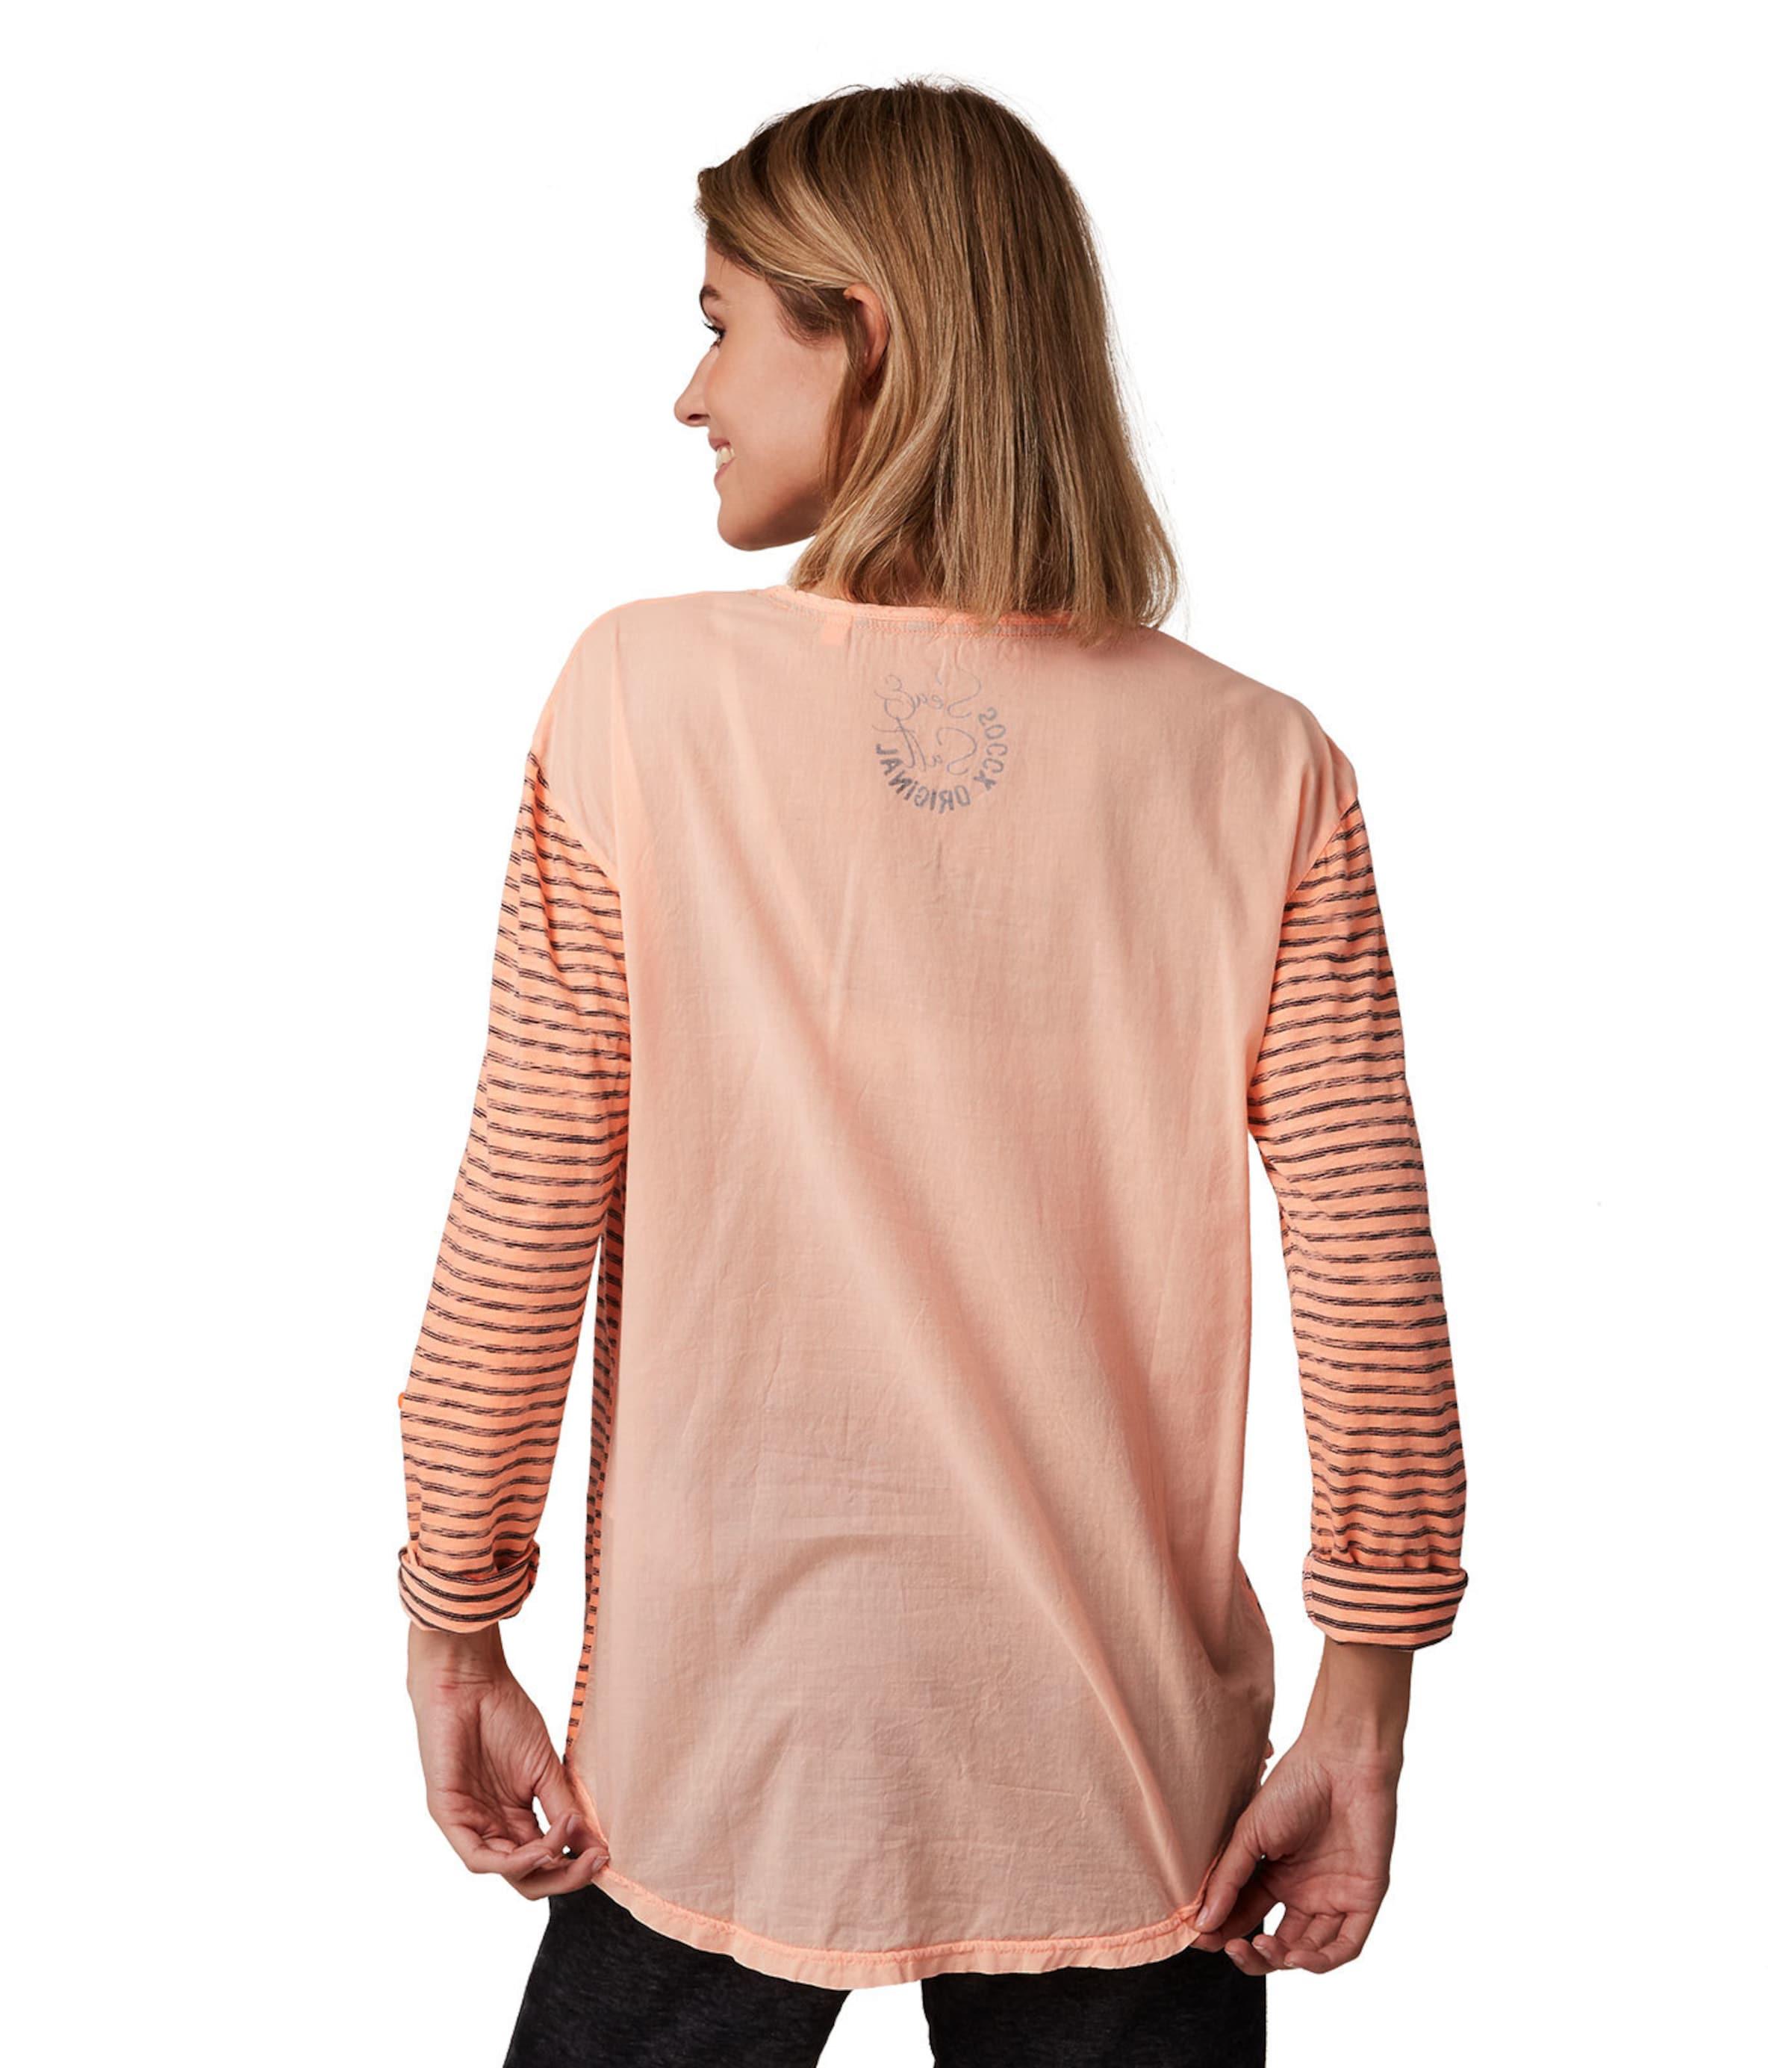 Shirt In OrangeSchwarz Soccx Shirt OrangeSchwarz Soccx In Yybfg6vI7